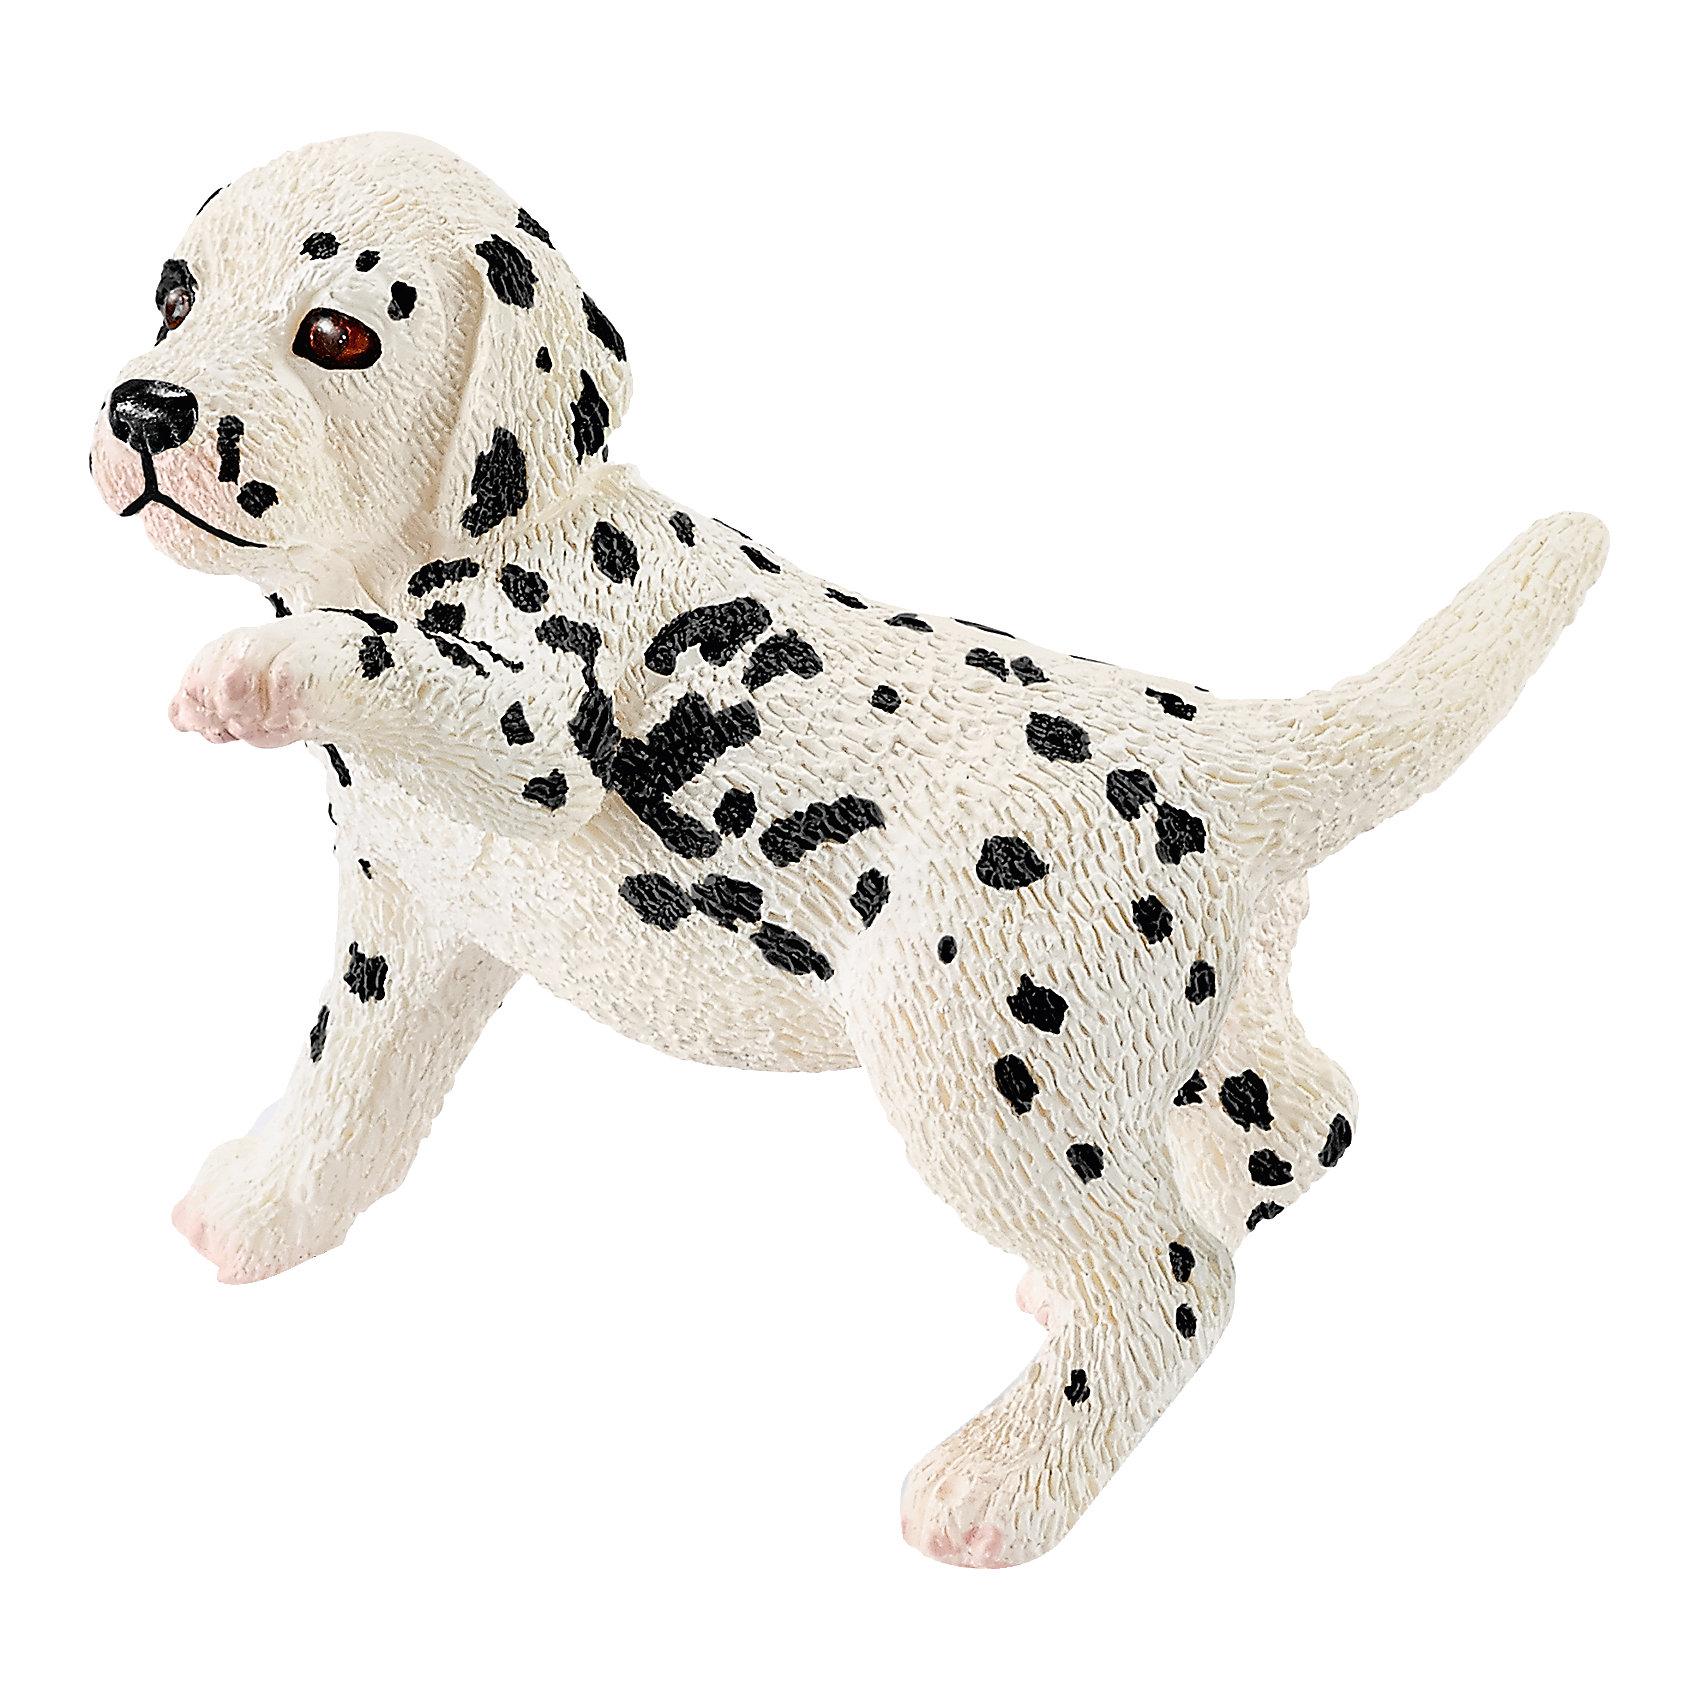 Schleich Далматин щенок, Schleich виброплатформы для похудения в алматы в интернет магазине